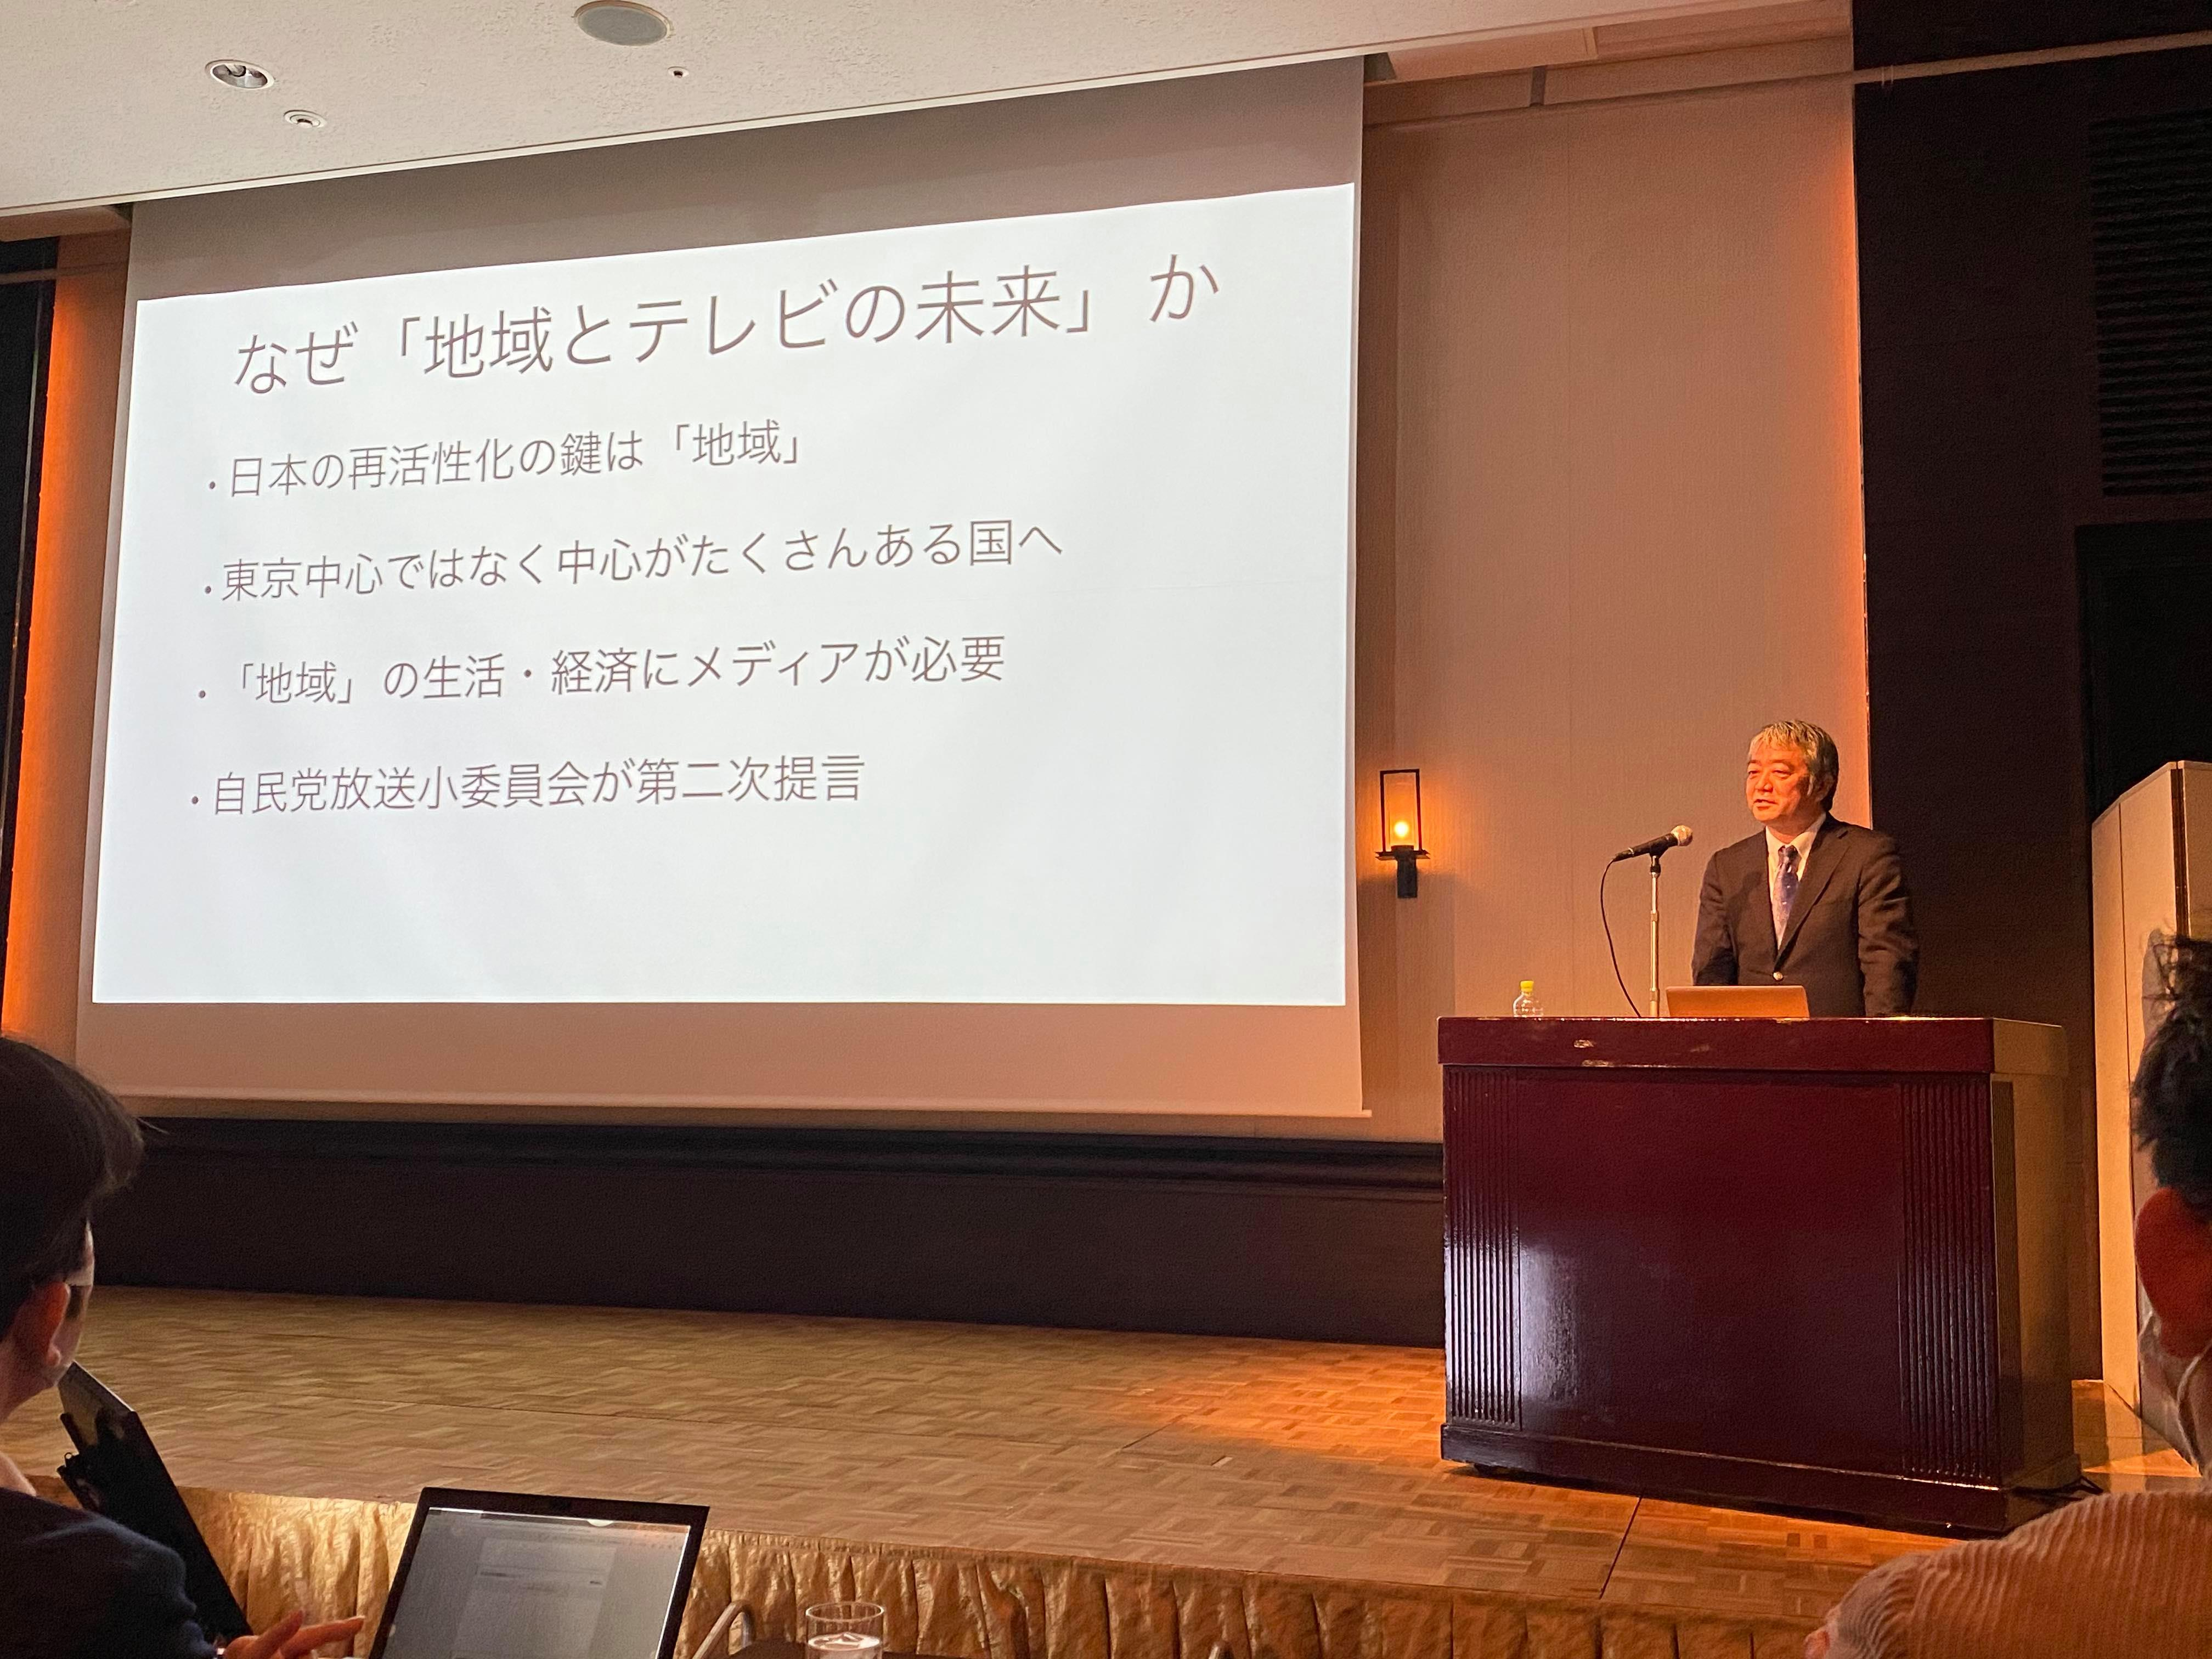 イベントレポート「地域とテレビの未来を考えるシンポジウム in 福岡」《前編》